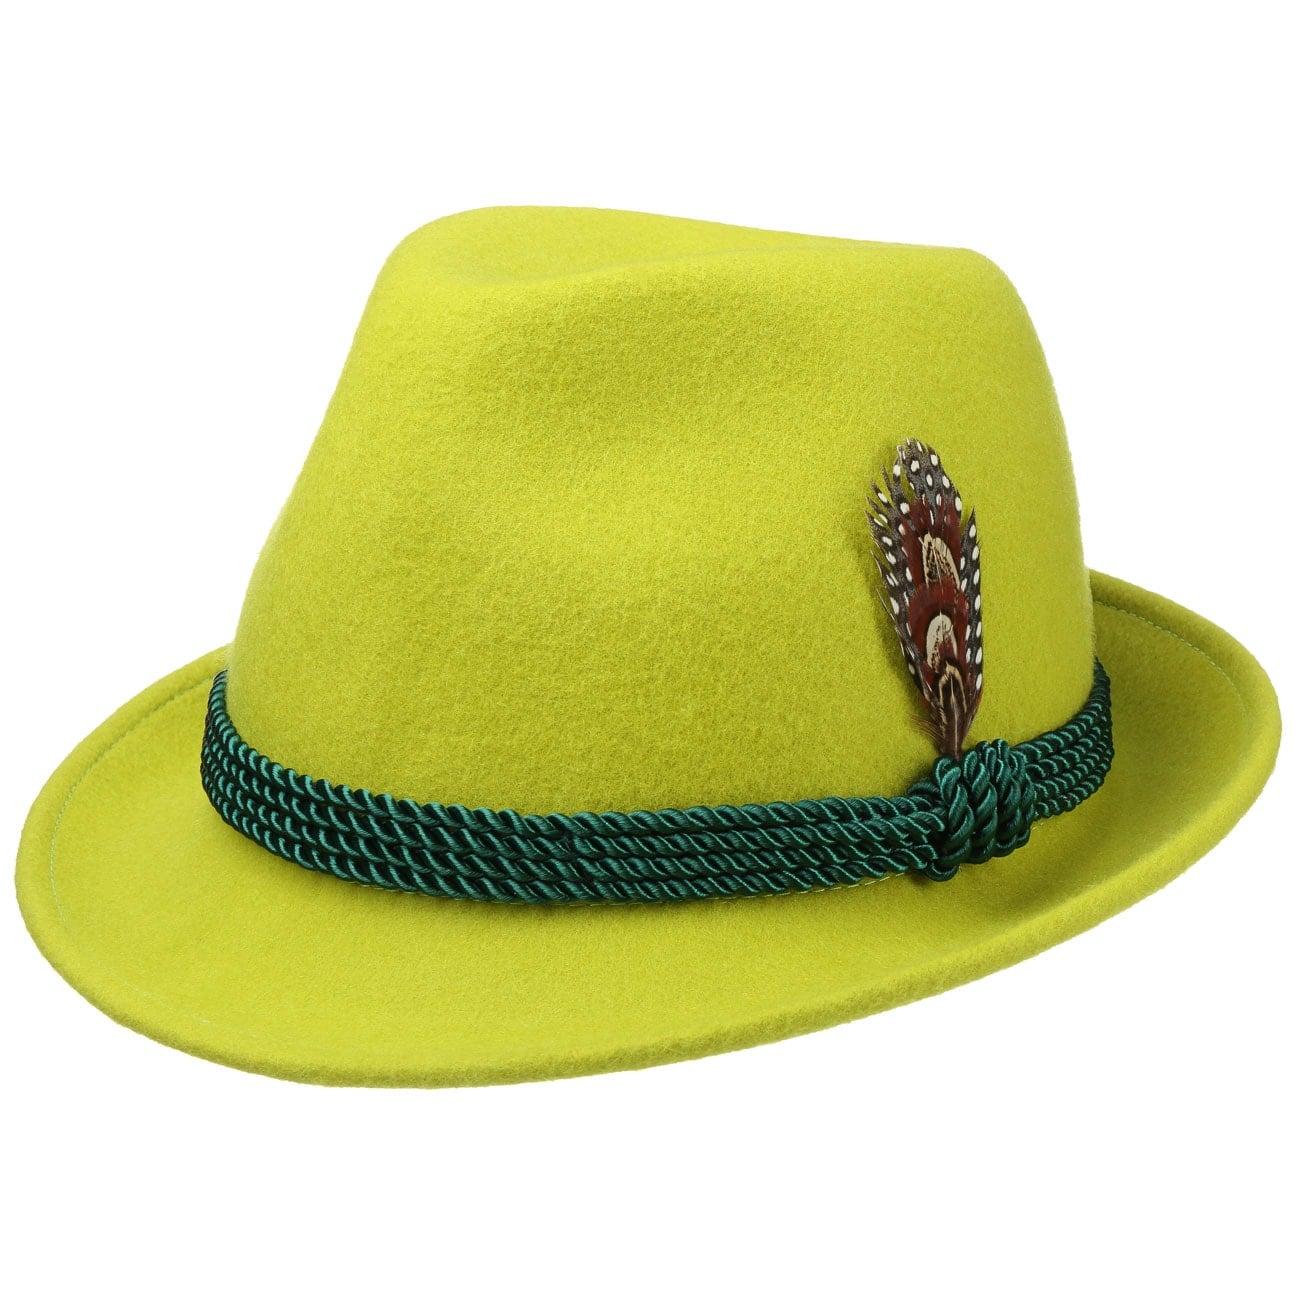 e452d7352509f Sombrero Tradicional Clásico de Fieltro - Sombreros - sombreroshop.es